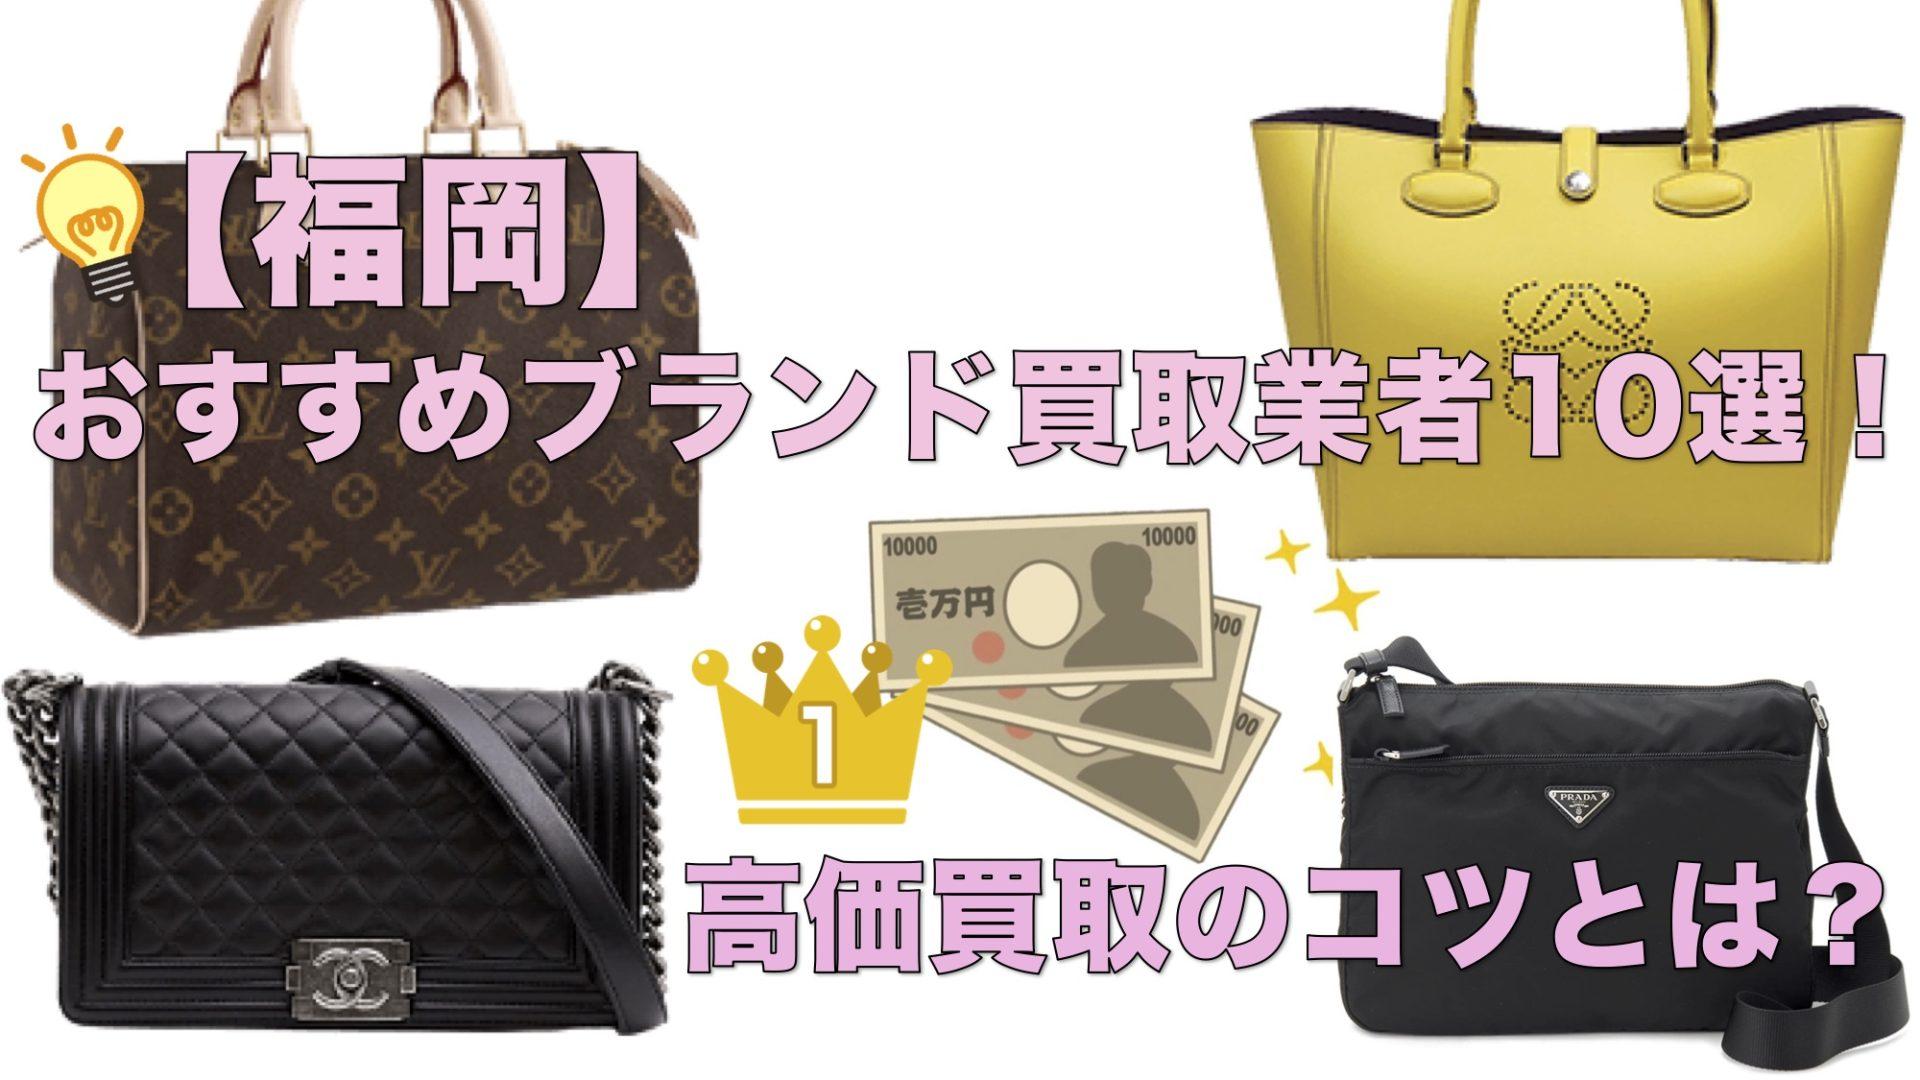 【福岡】おすすめブランド買取業者10選!高価買取のコツは? アイキャッチ画像